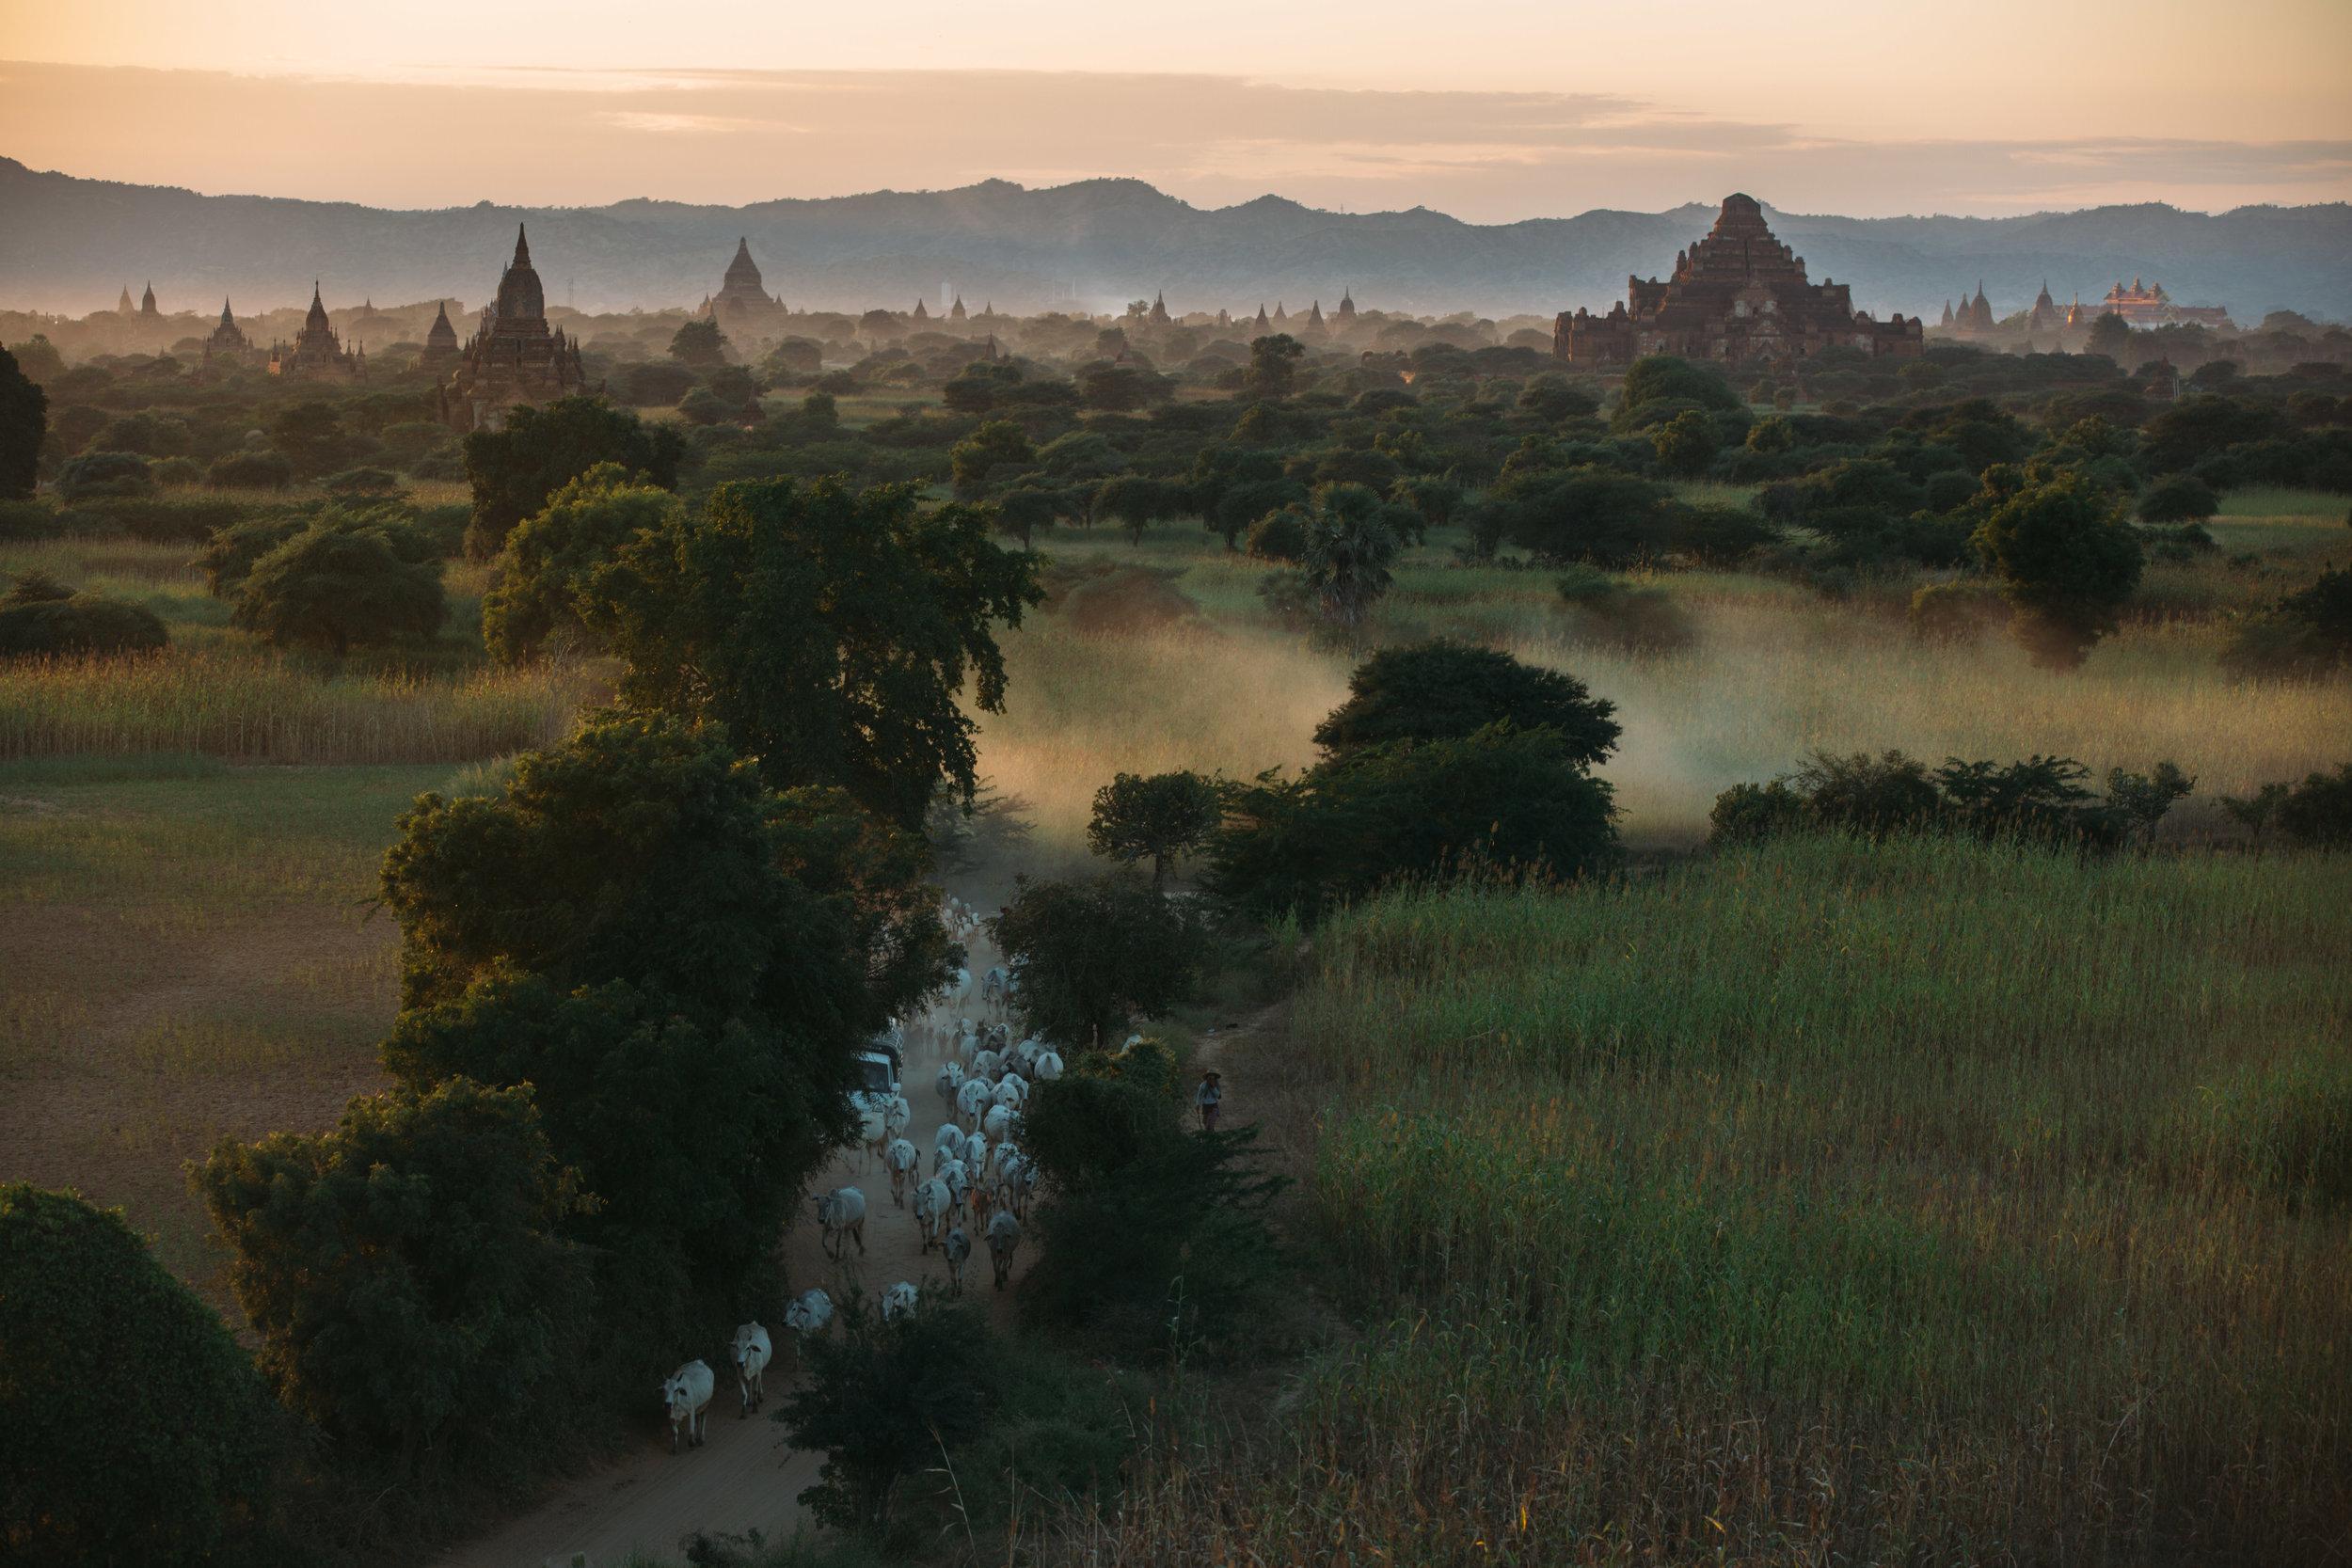 Maccormick_Myanmar-163.jpg